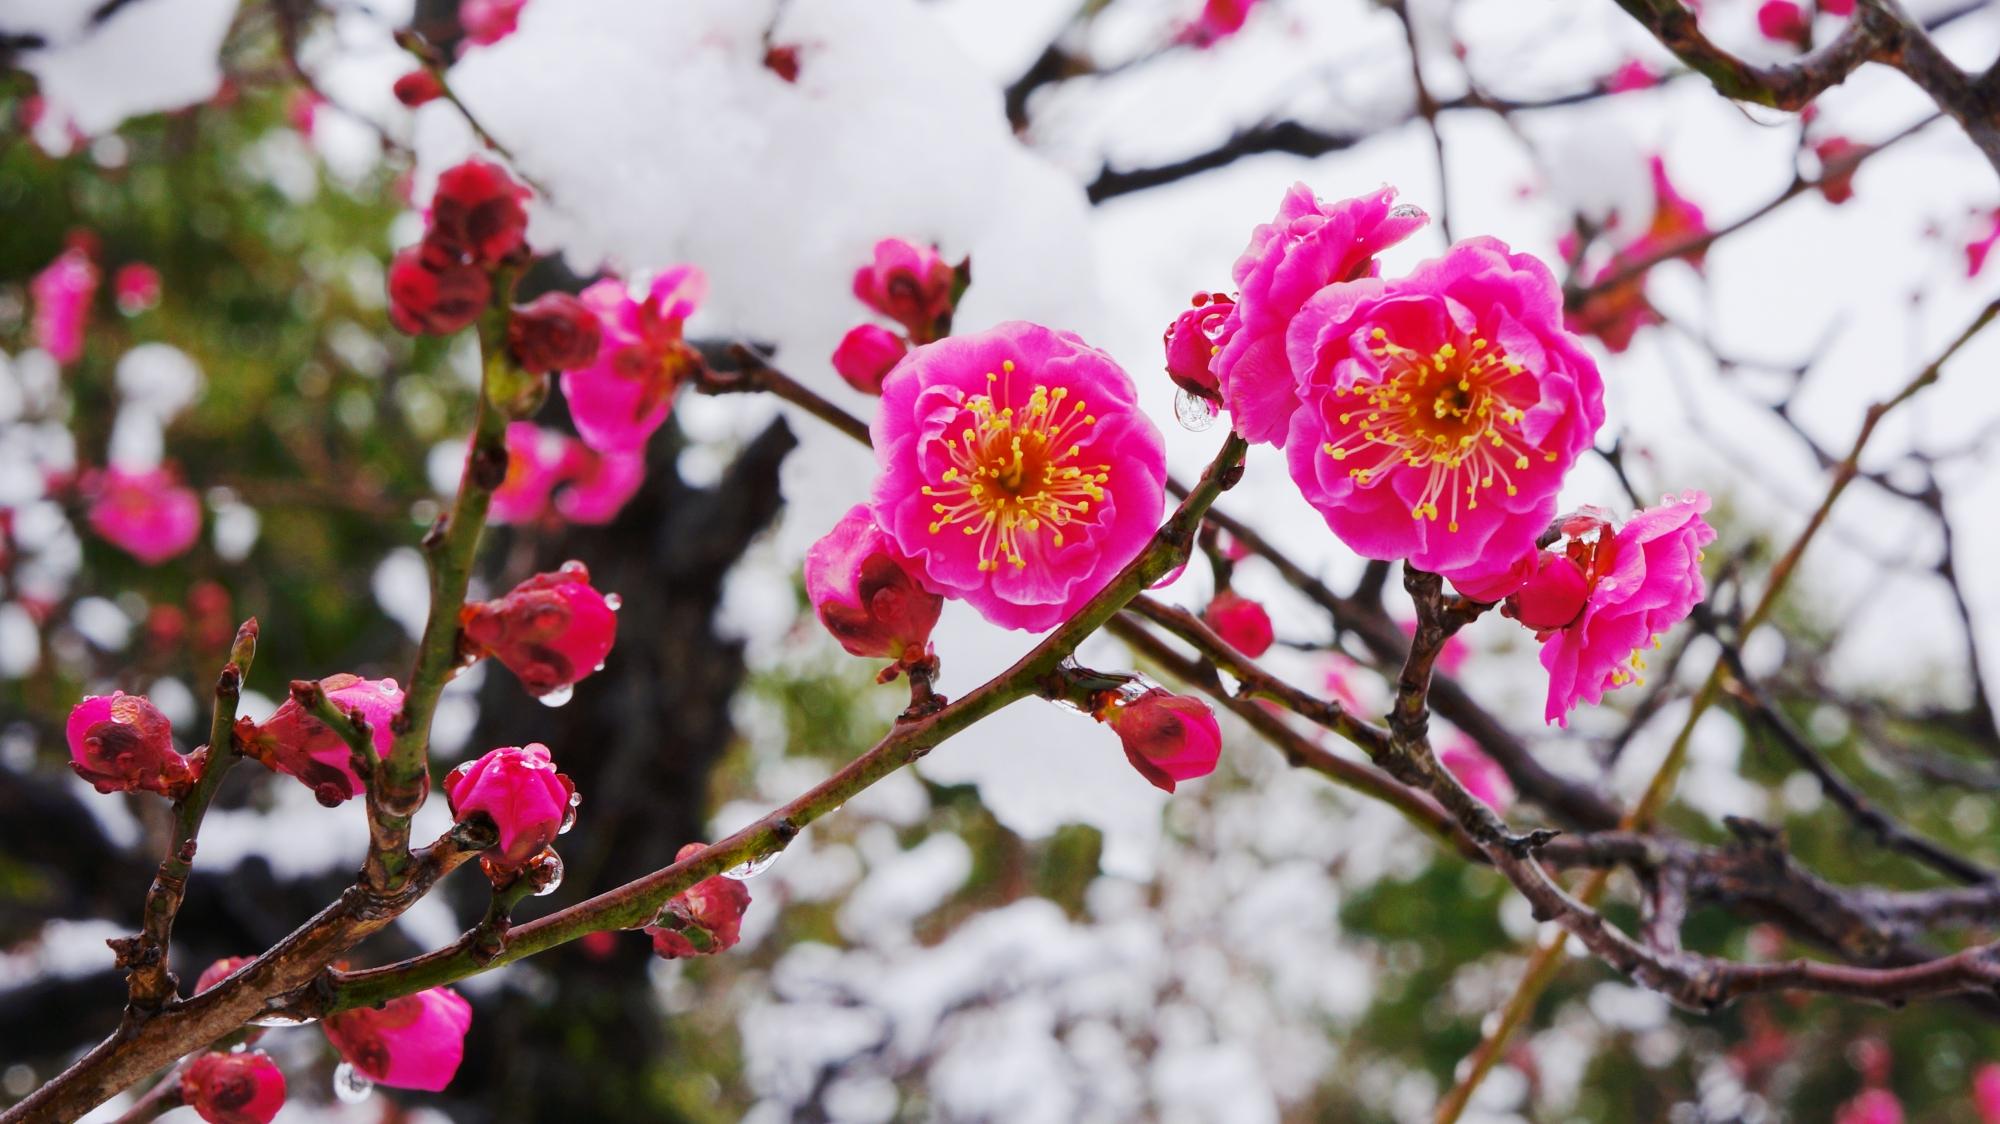 雪の中に咲く満開の梅の花